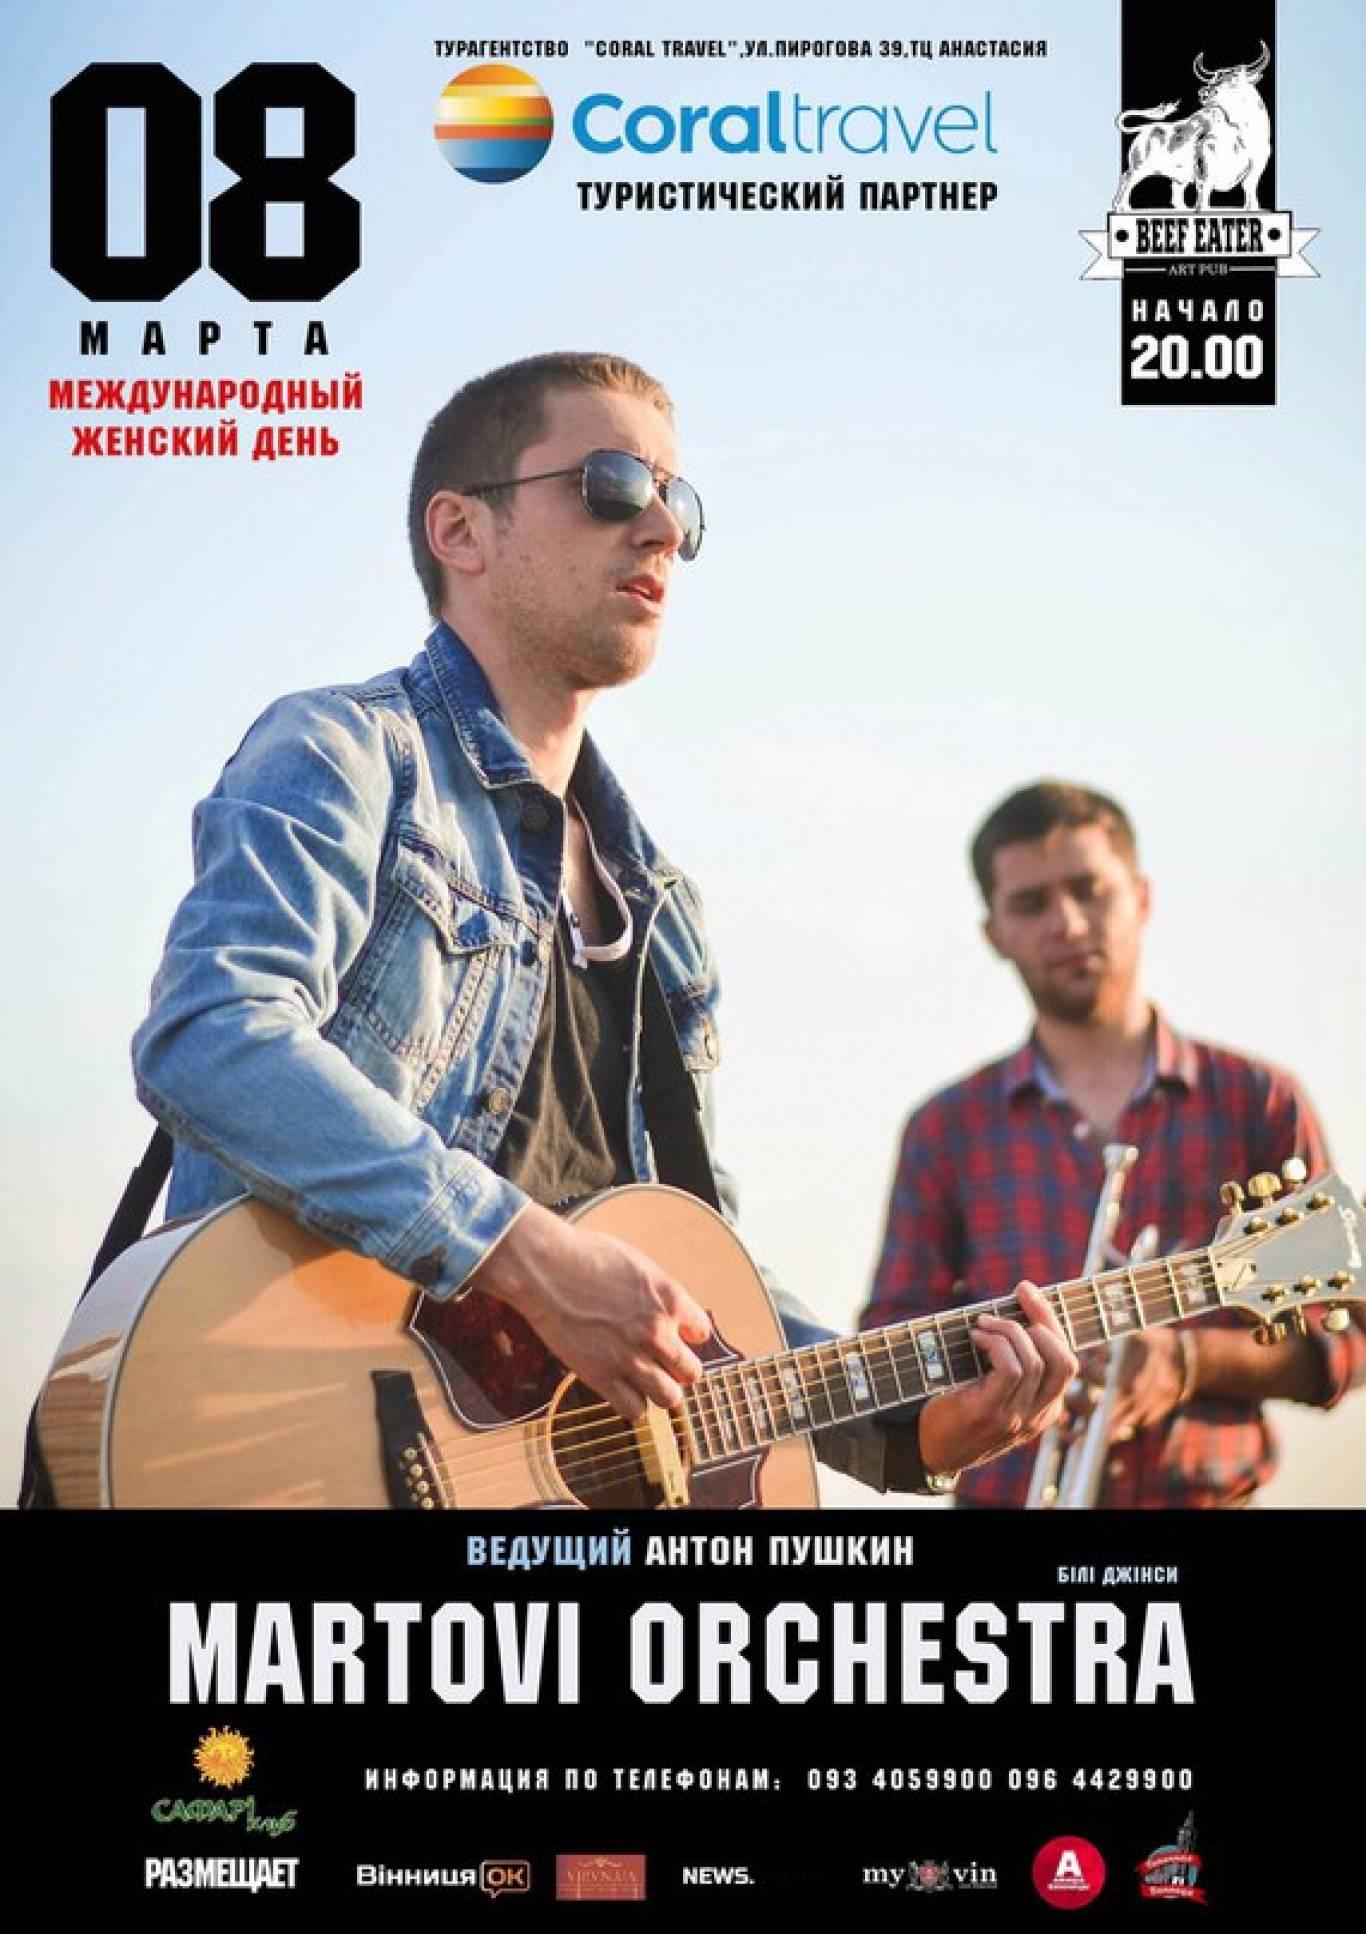 Martovi Orchestra з концертом у Вінниці 8 березня